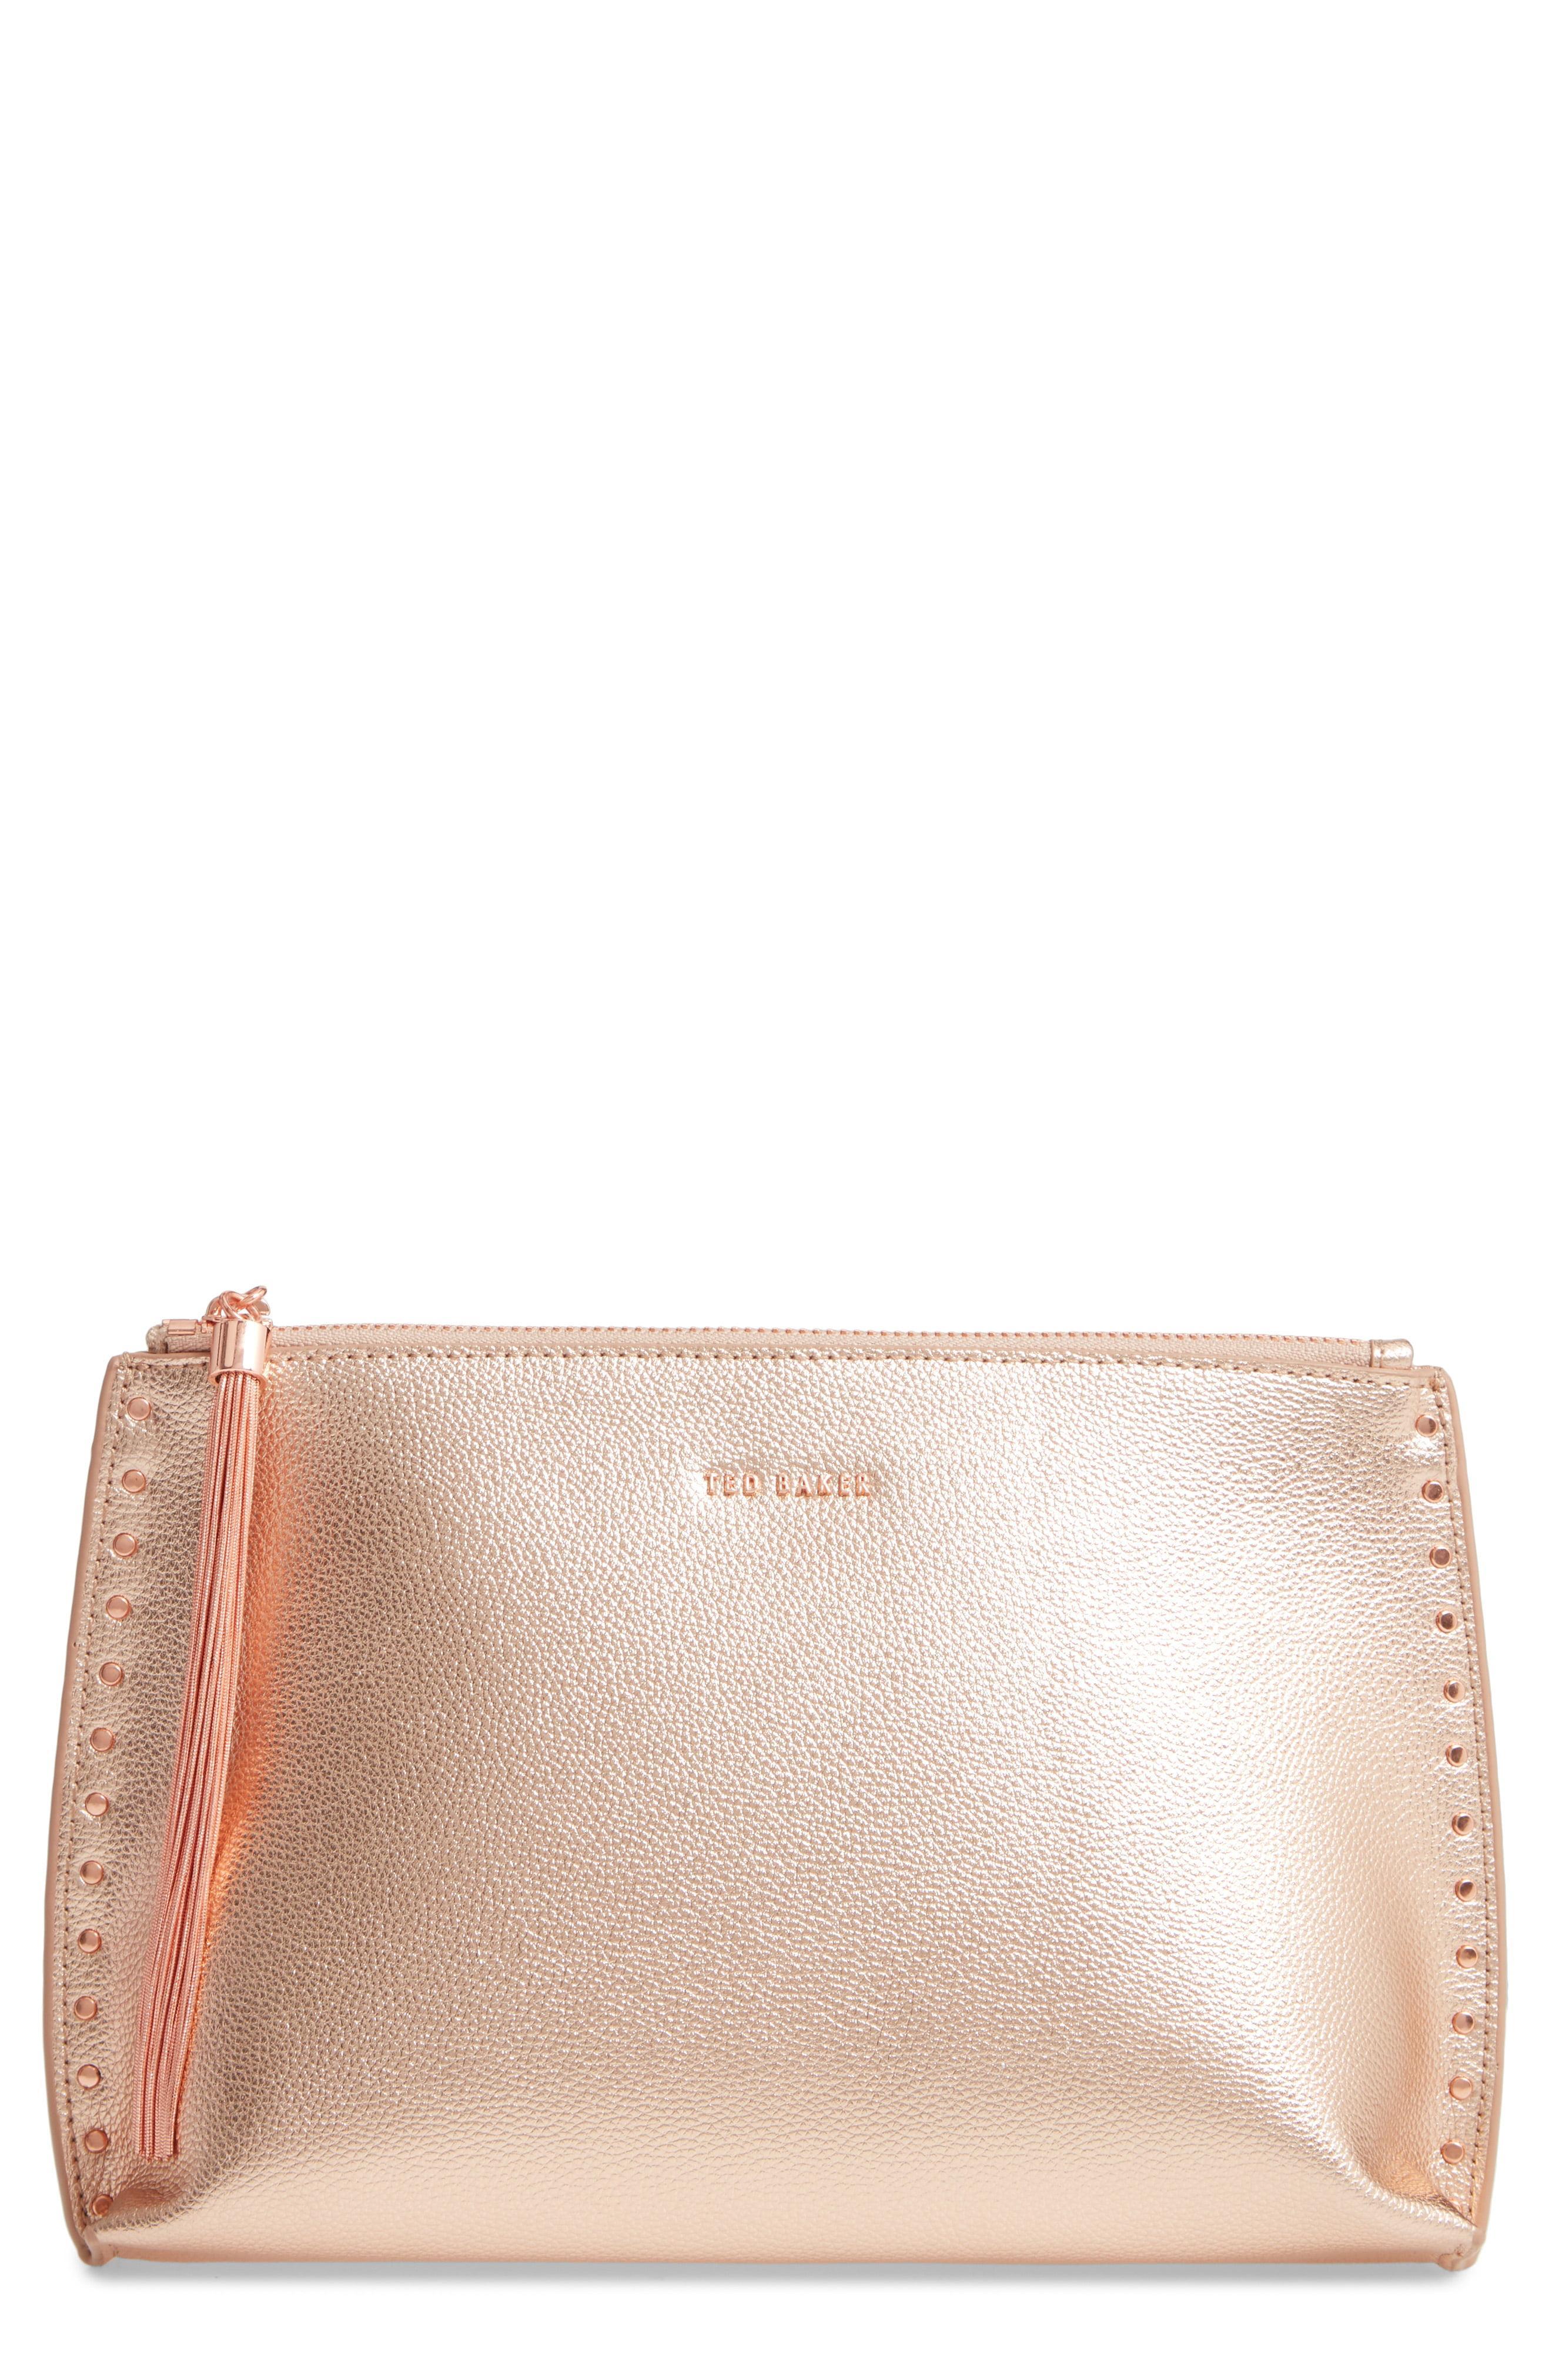 2de871cfaa Ted Baker. Women's Tesssa Chain Tassel Leather Crossbody Bag ...